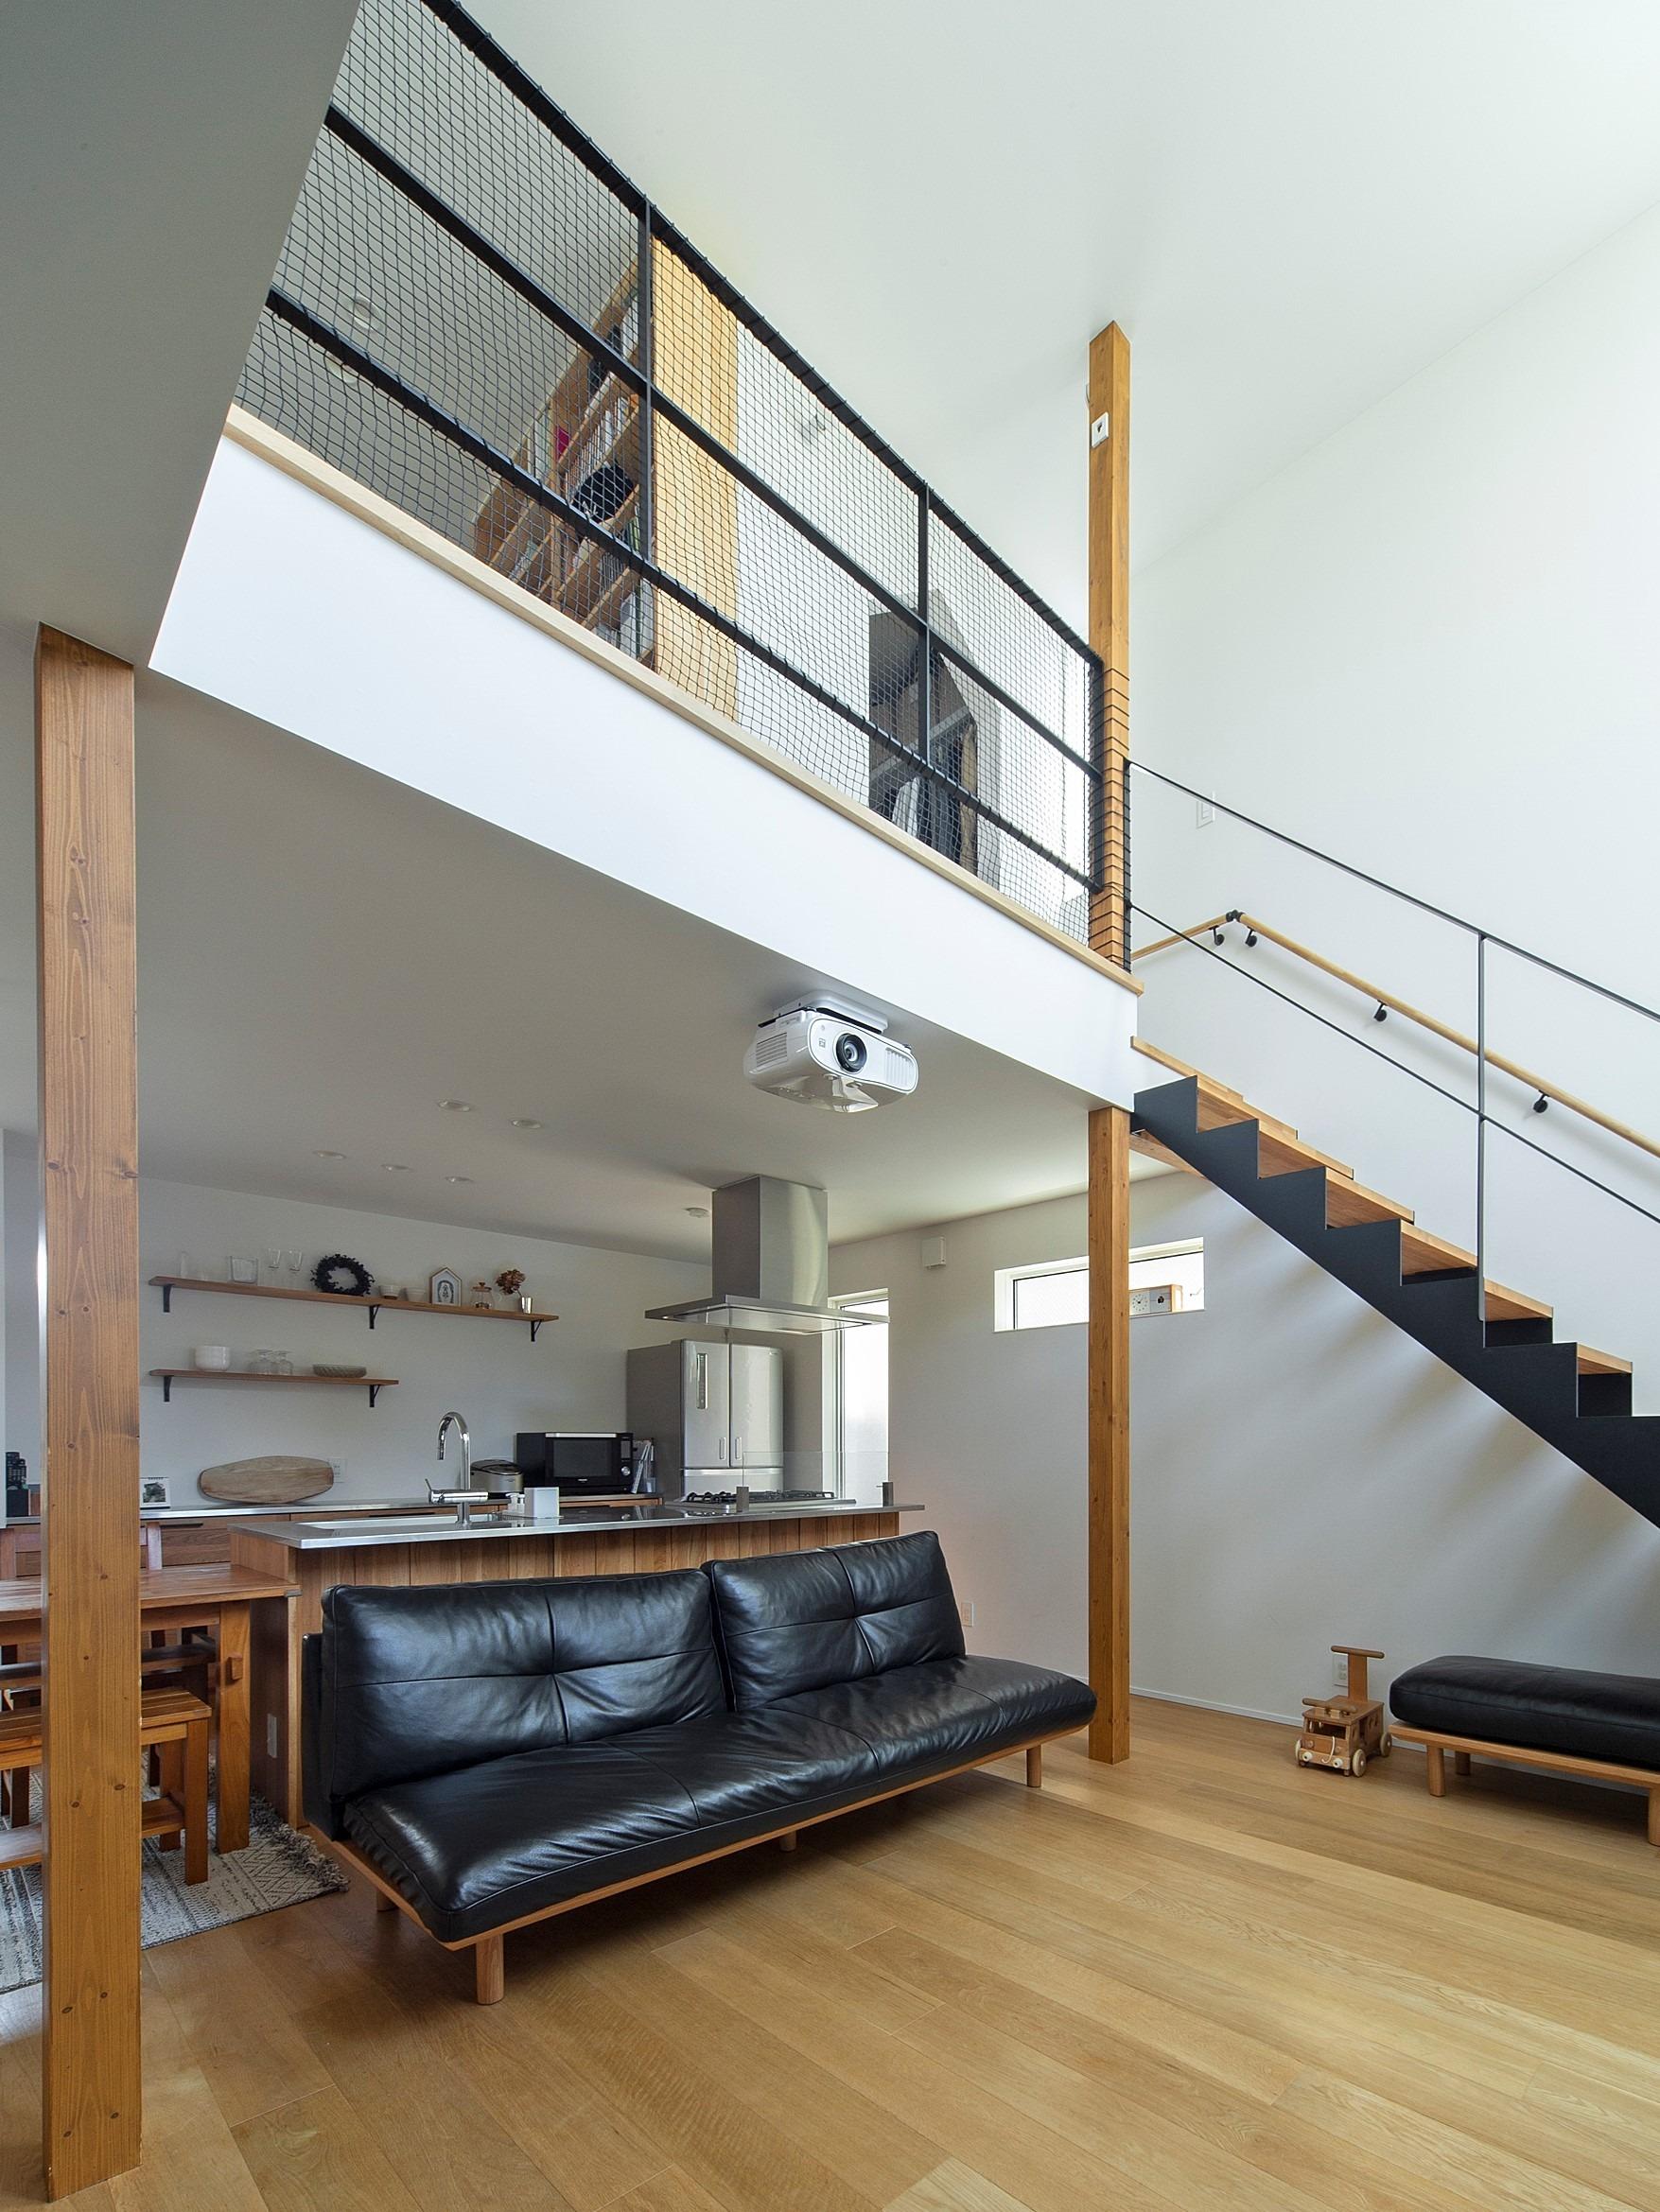 鉄骨階段で空間をつなぐ。ホワイトの漆喰でできた、大きな壁に映えるブラックの鉄骨階段